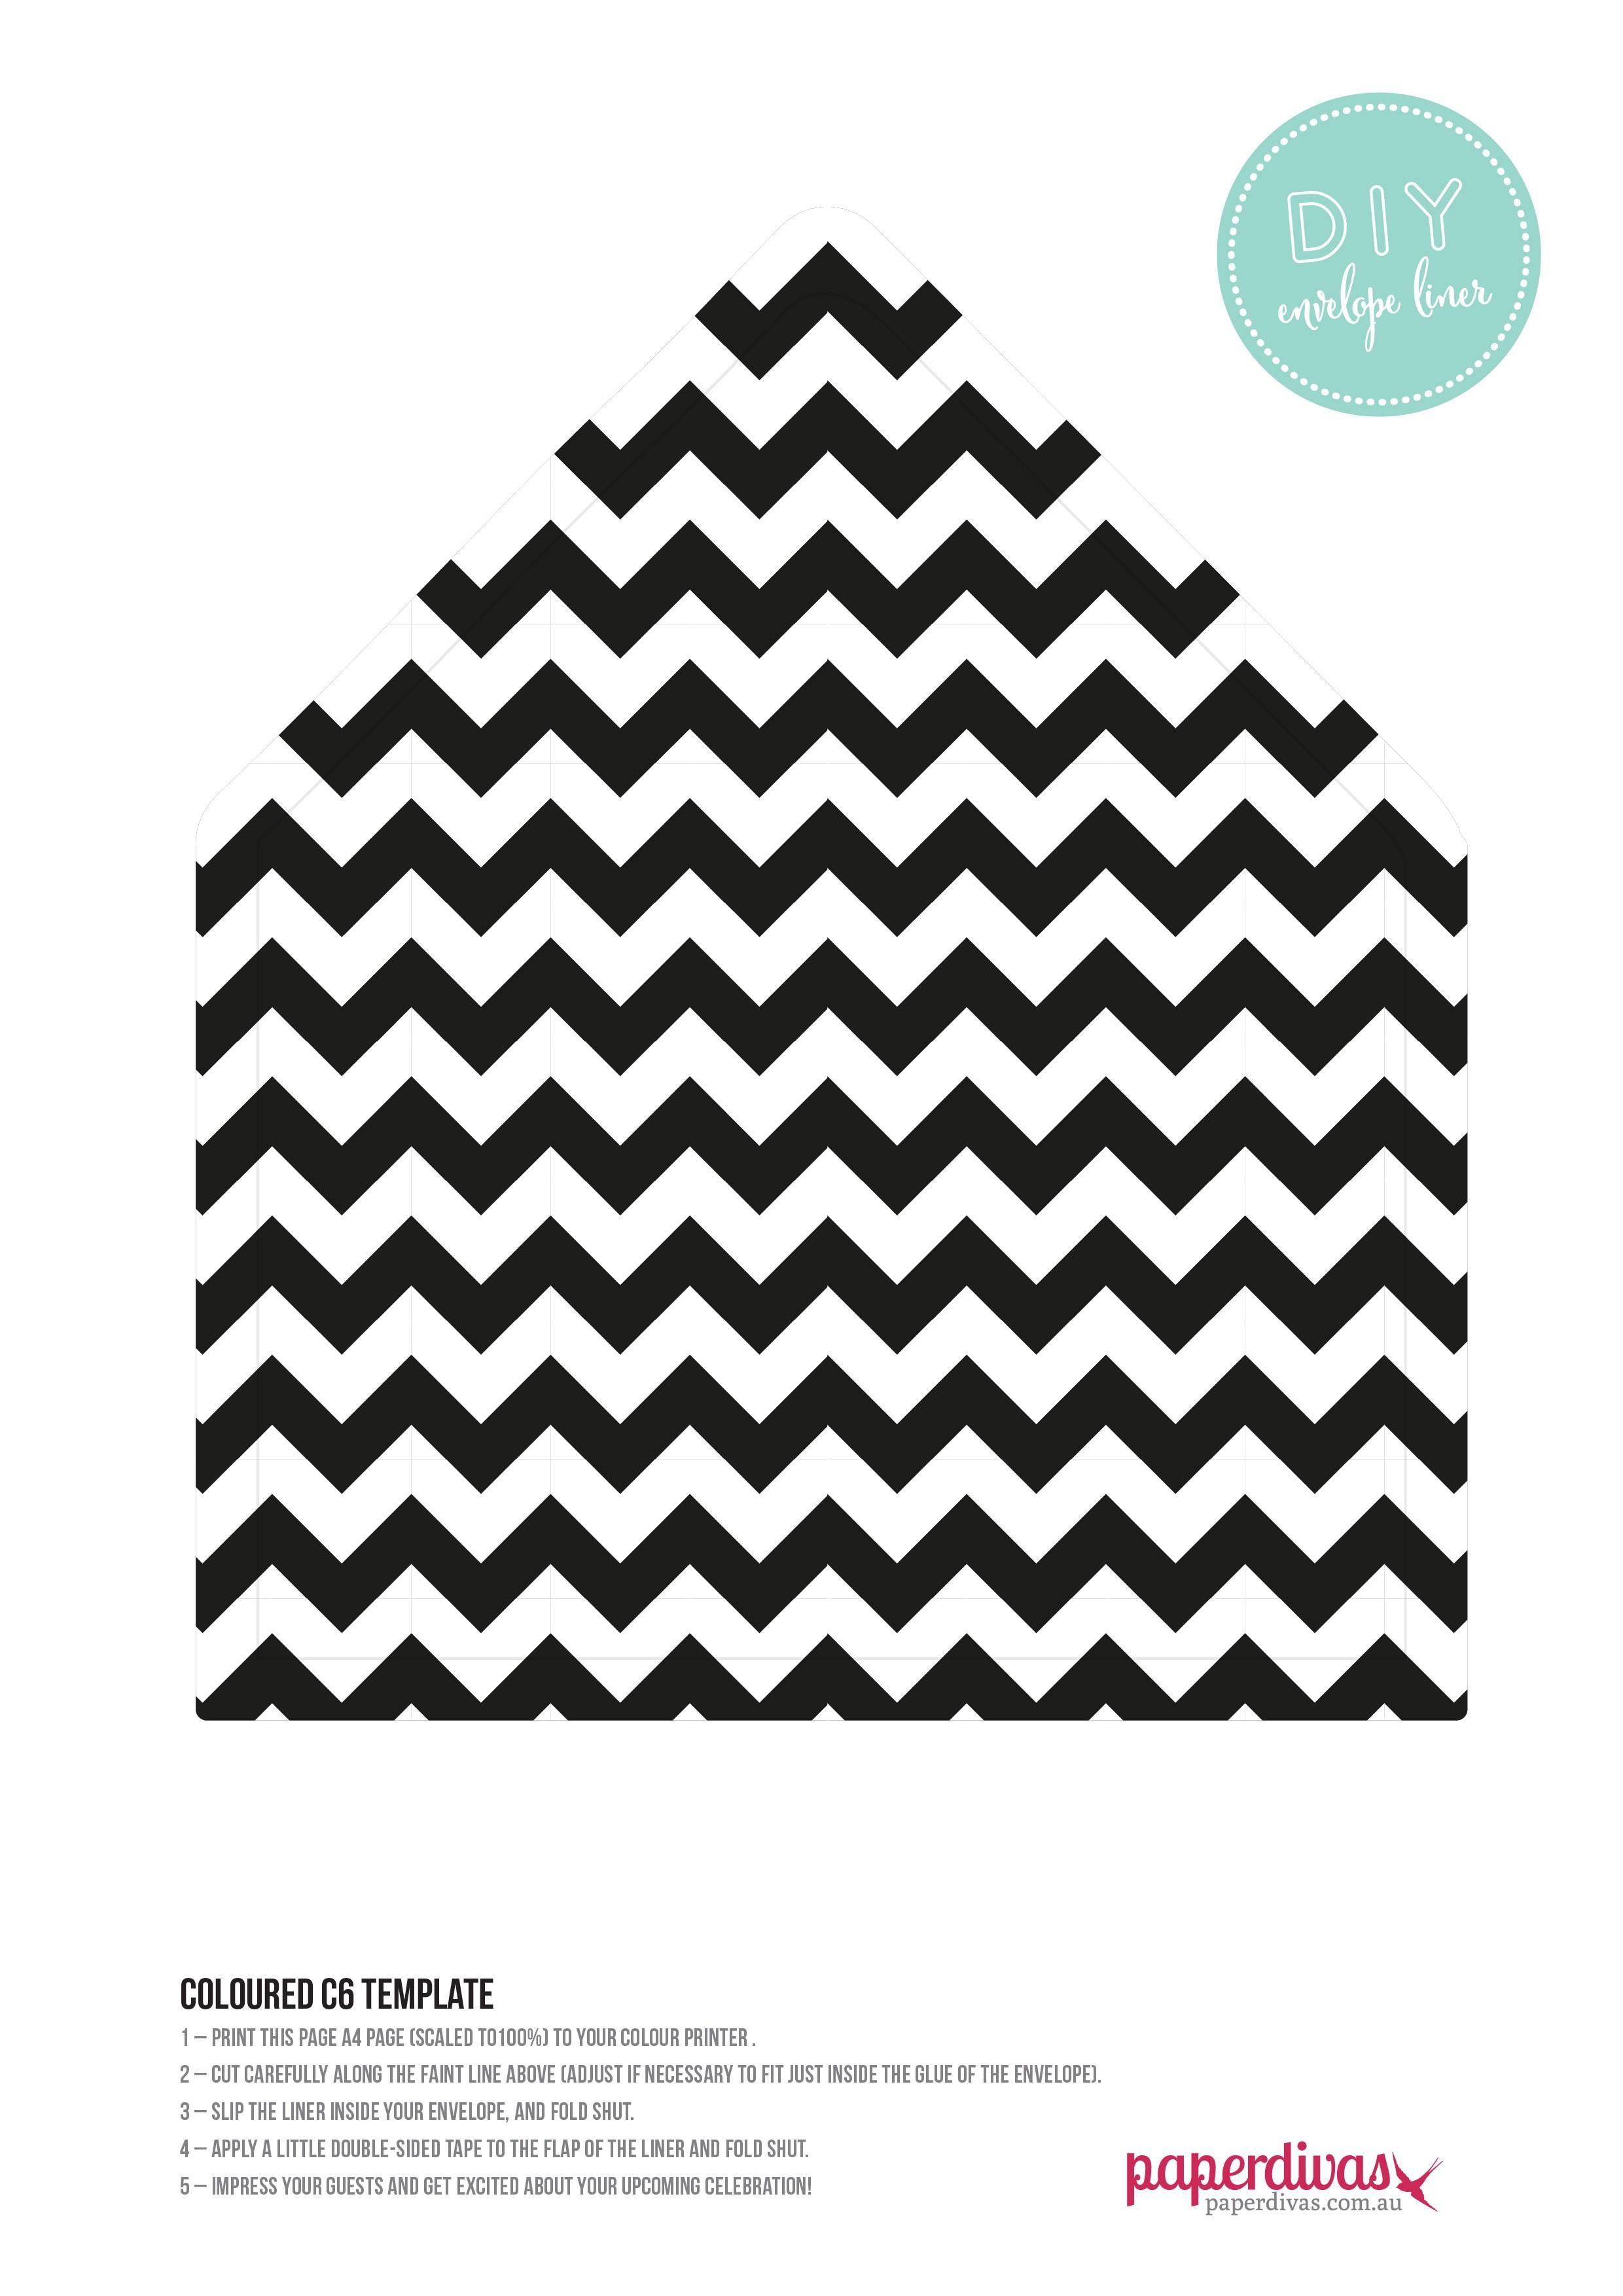 paperdivas blog free diy envelope liner templates. Black Bedroom Furniture Sets. Home Design Ideas